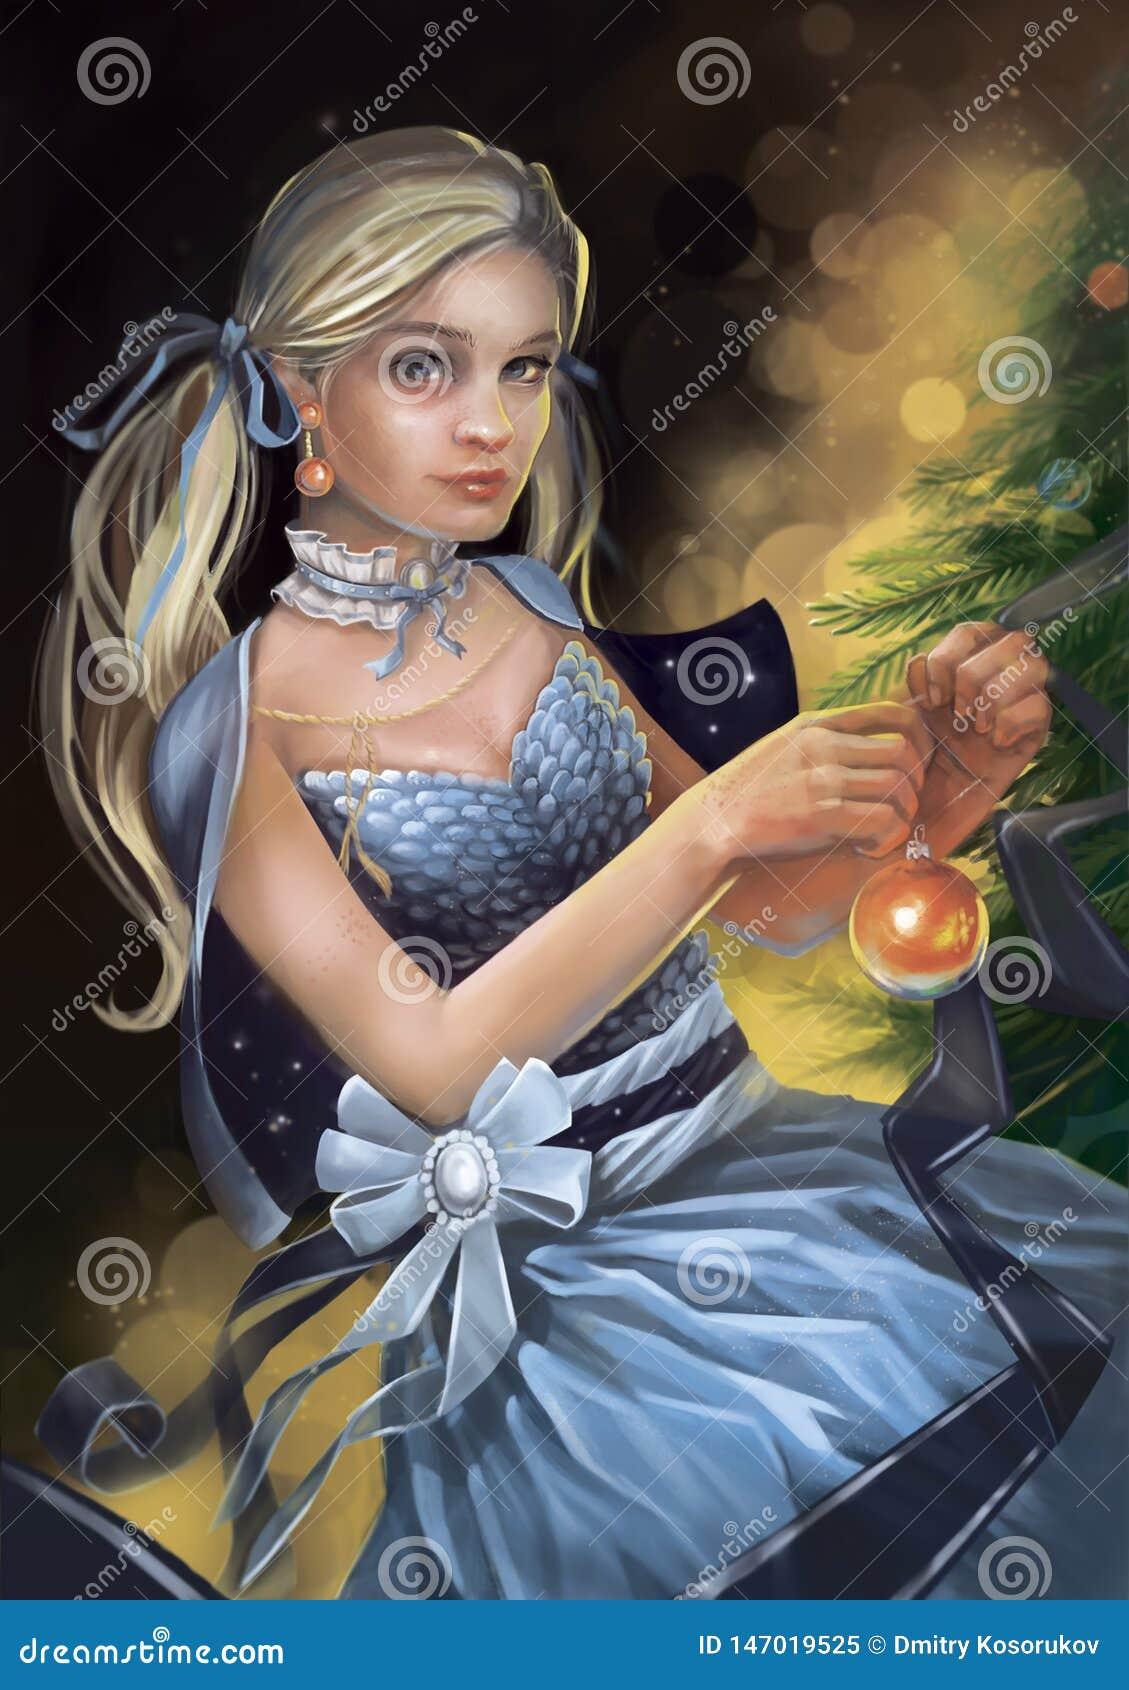 Illustrazione di una ragazza in un vestito che decora un albero di Natale